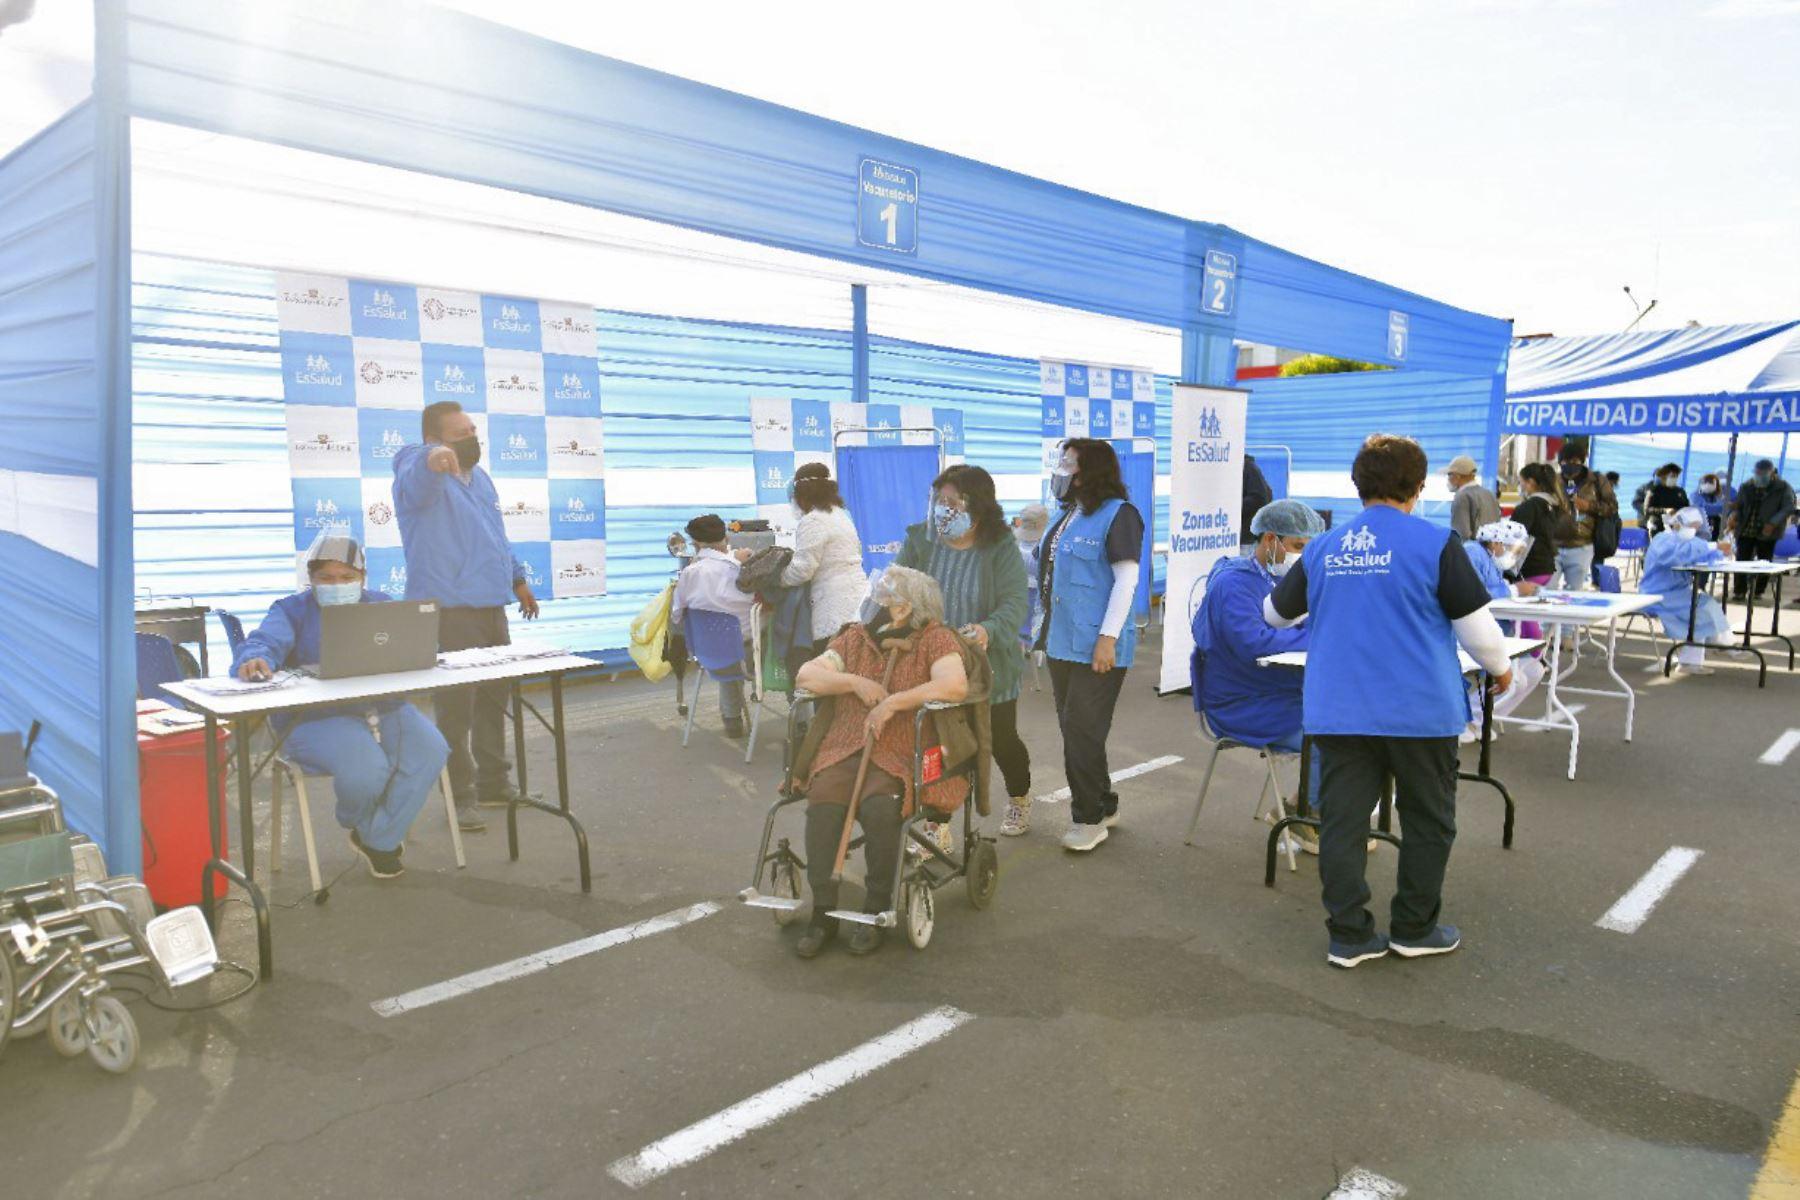 Ministerio de Salud anuncia Vacunatones en diversas regiones para acelerar aplicación de la vacuna contra la covid-19. ANDINA/Difusión